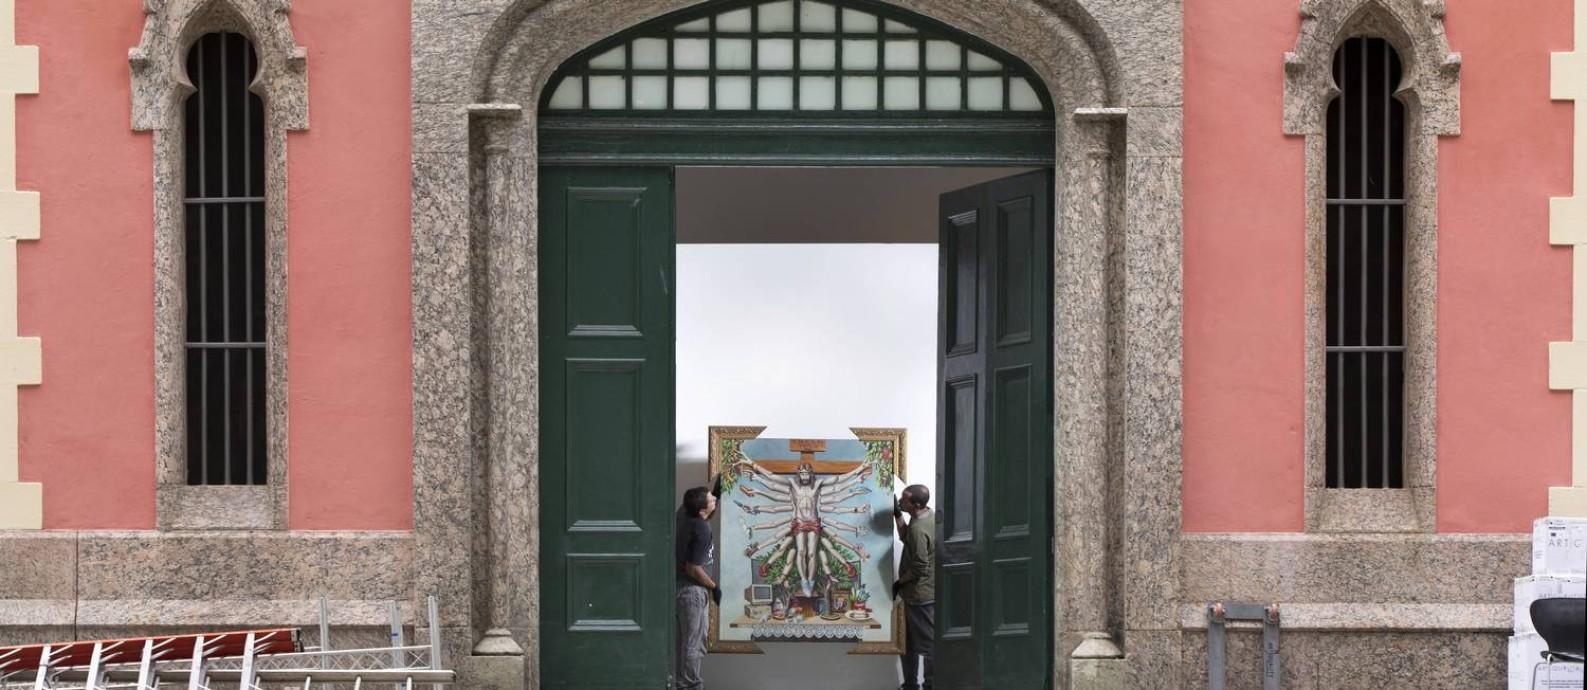 Equipe posiciona a tela 'Cruzando Jesus Cristo com Deusa Shiva' na EAV: obra de Fernando Baril foi acusada de 'blasfema' Foto: Ana Branco / Agência O Globo